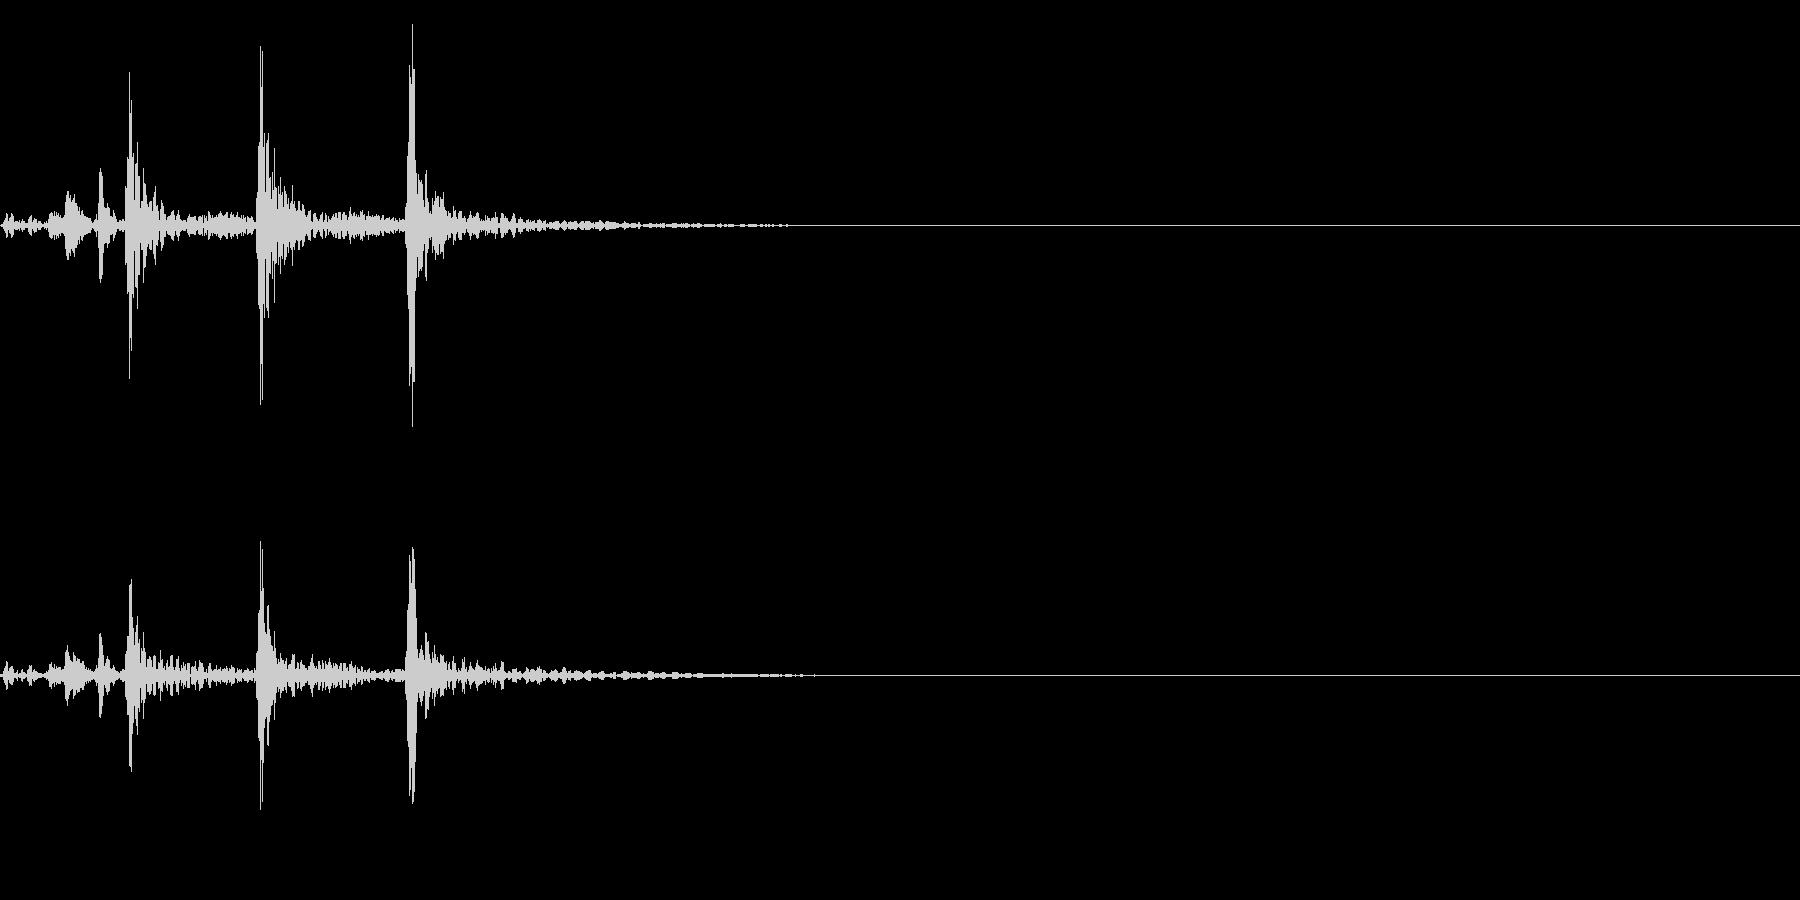 ティンパニ、(手)、ショートバトル...の未再生の波形